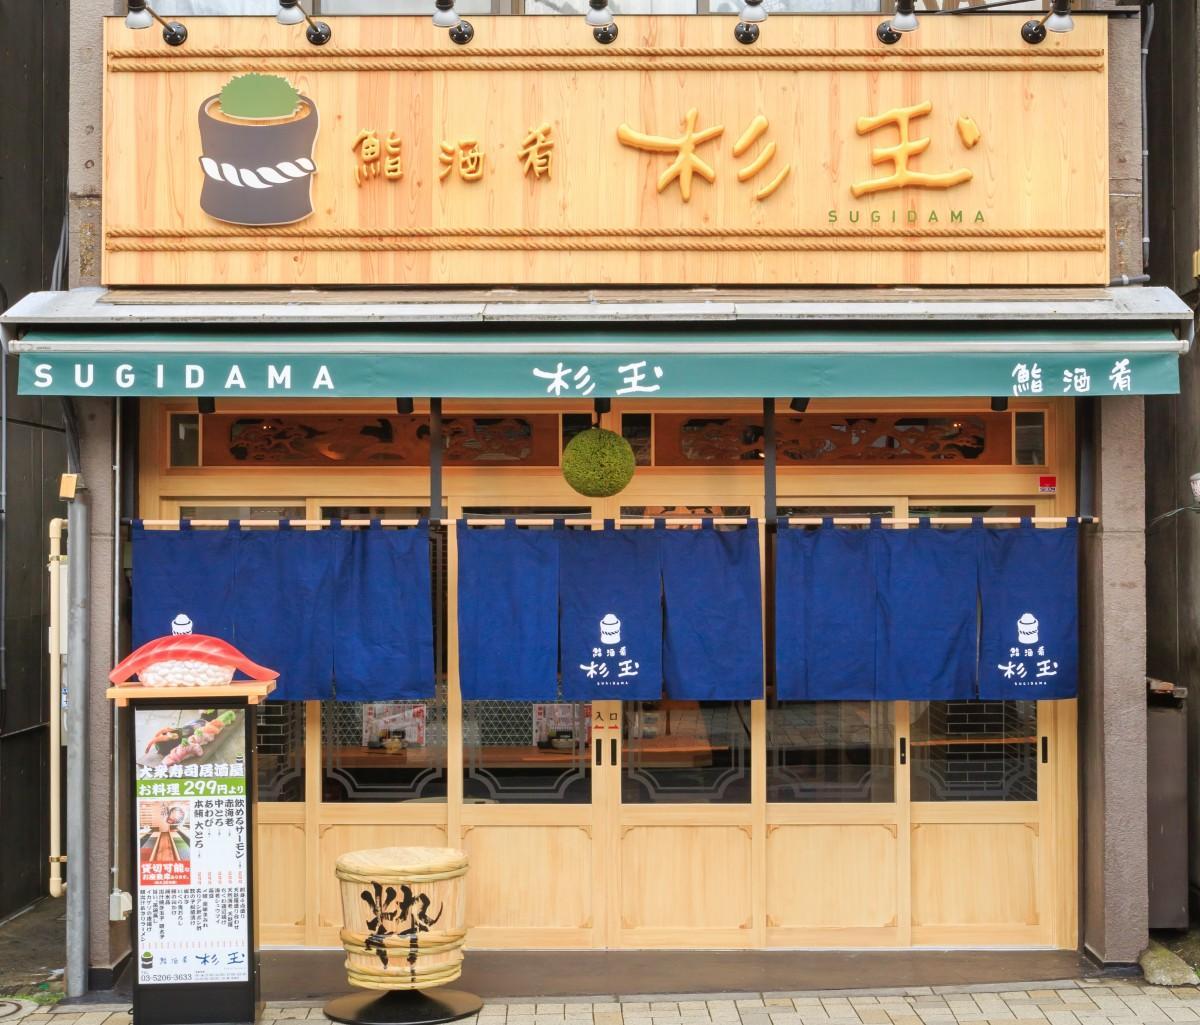 神楽坂・毘沙門天善國寺前にオープンした大衆すし居酒屋「鮨・酒・肴 杉玉」